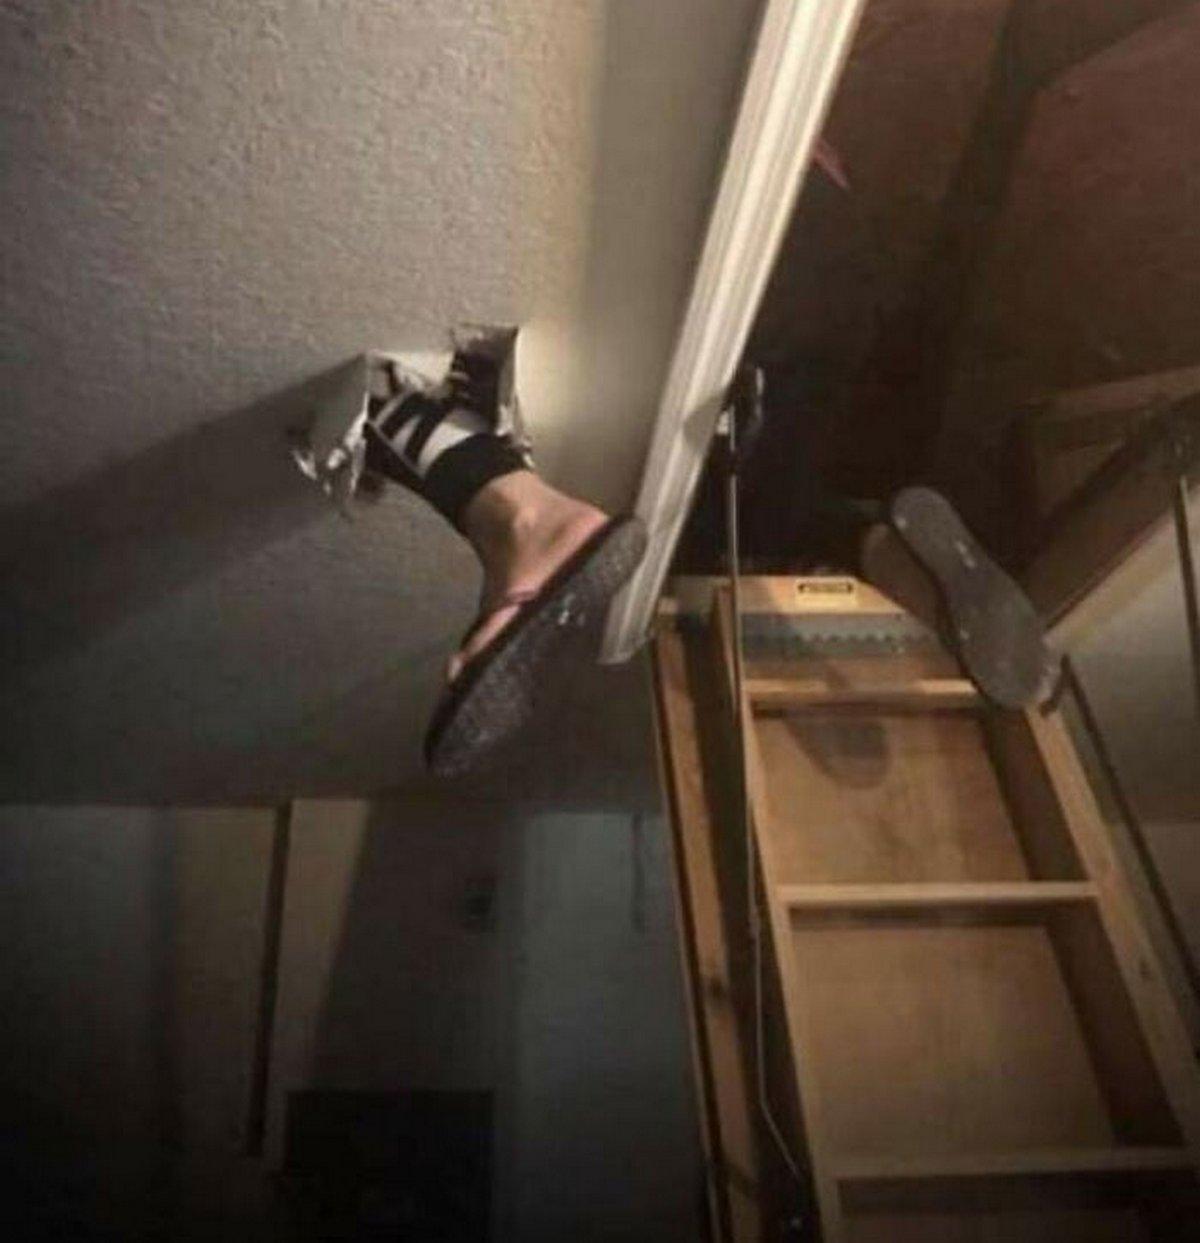 22 fois où des propriétaires de maison ont vu leur journée gâchée